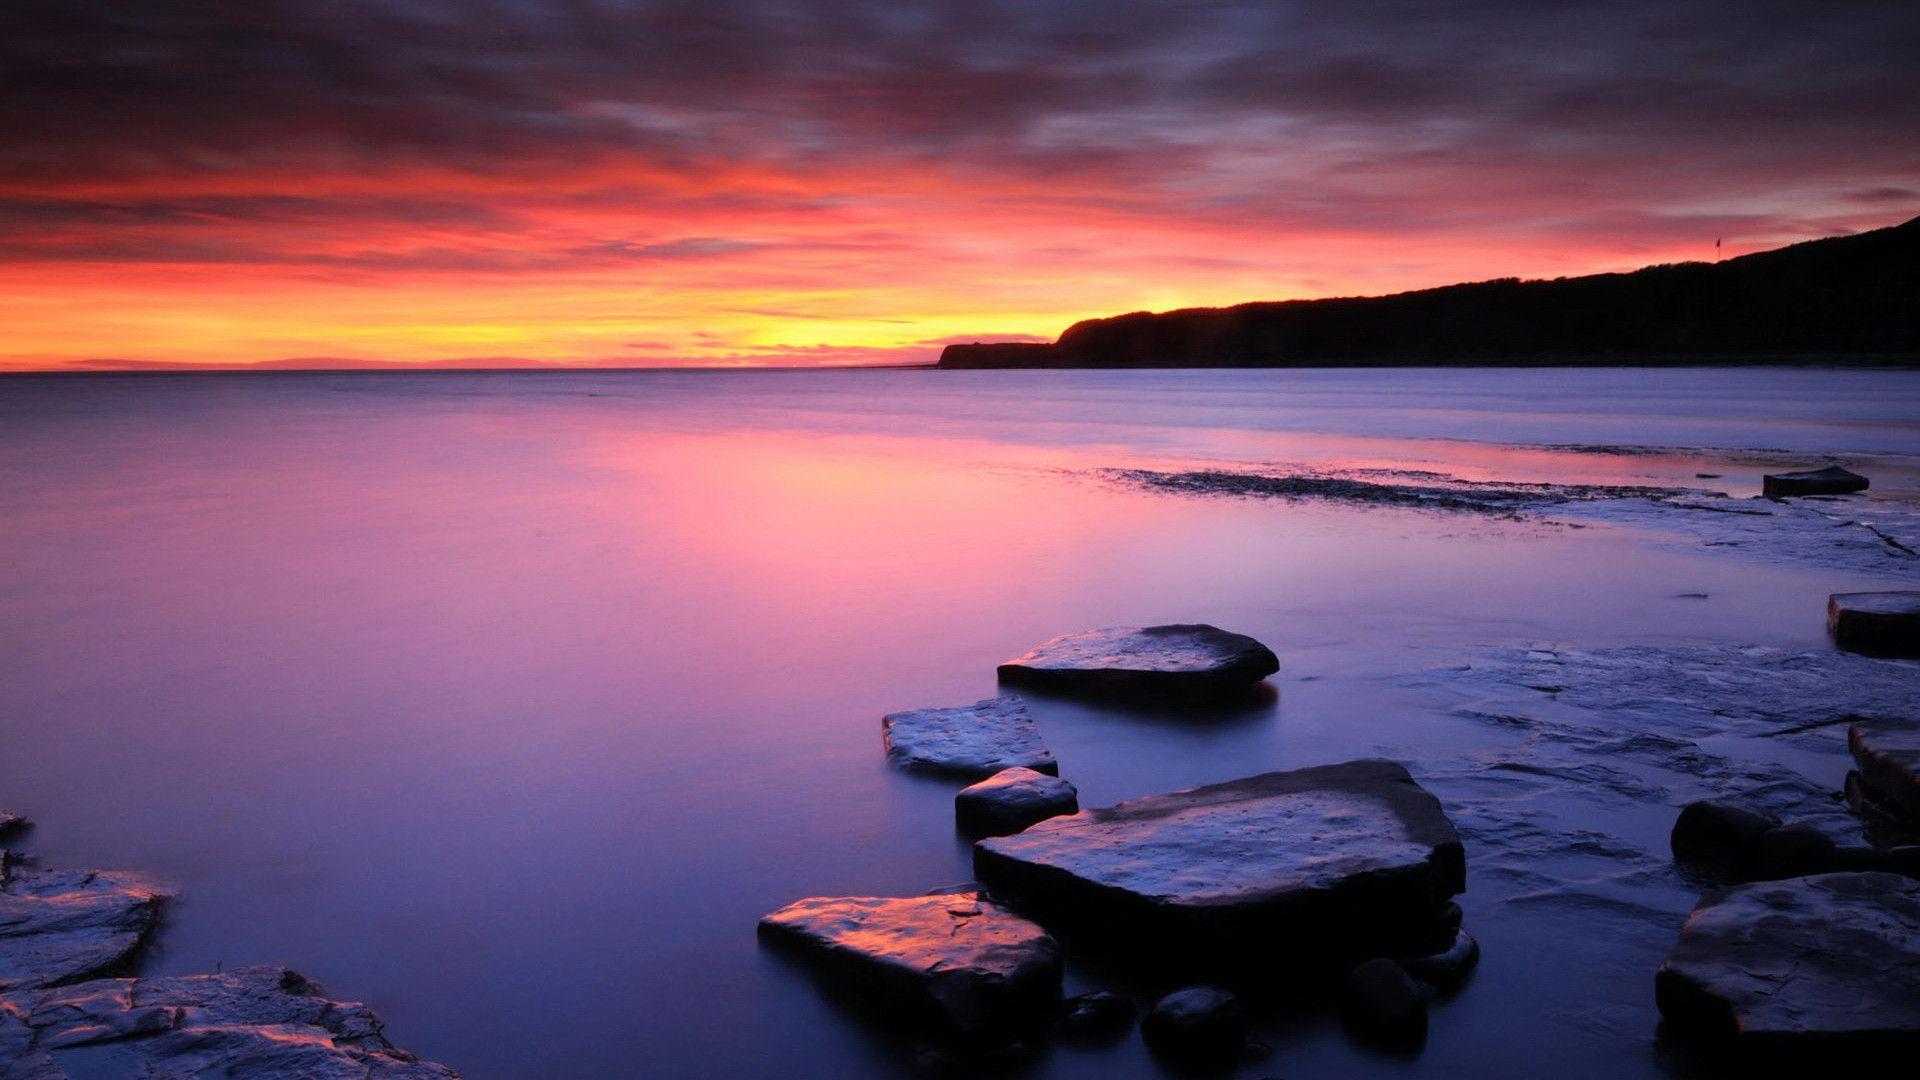 Landscapes seascape sunset sunrise ocean sea sky clouds stone rock